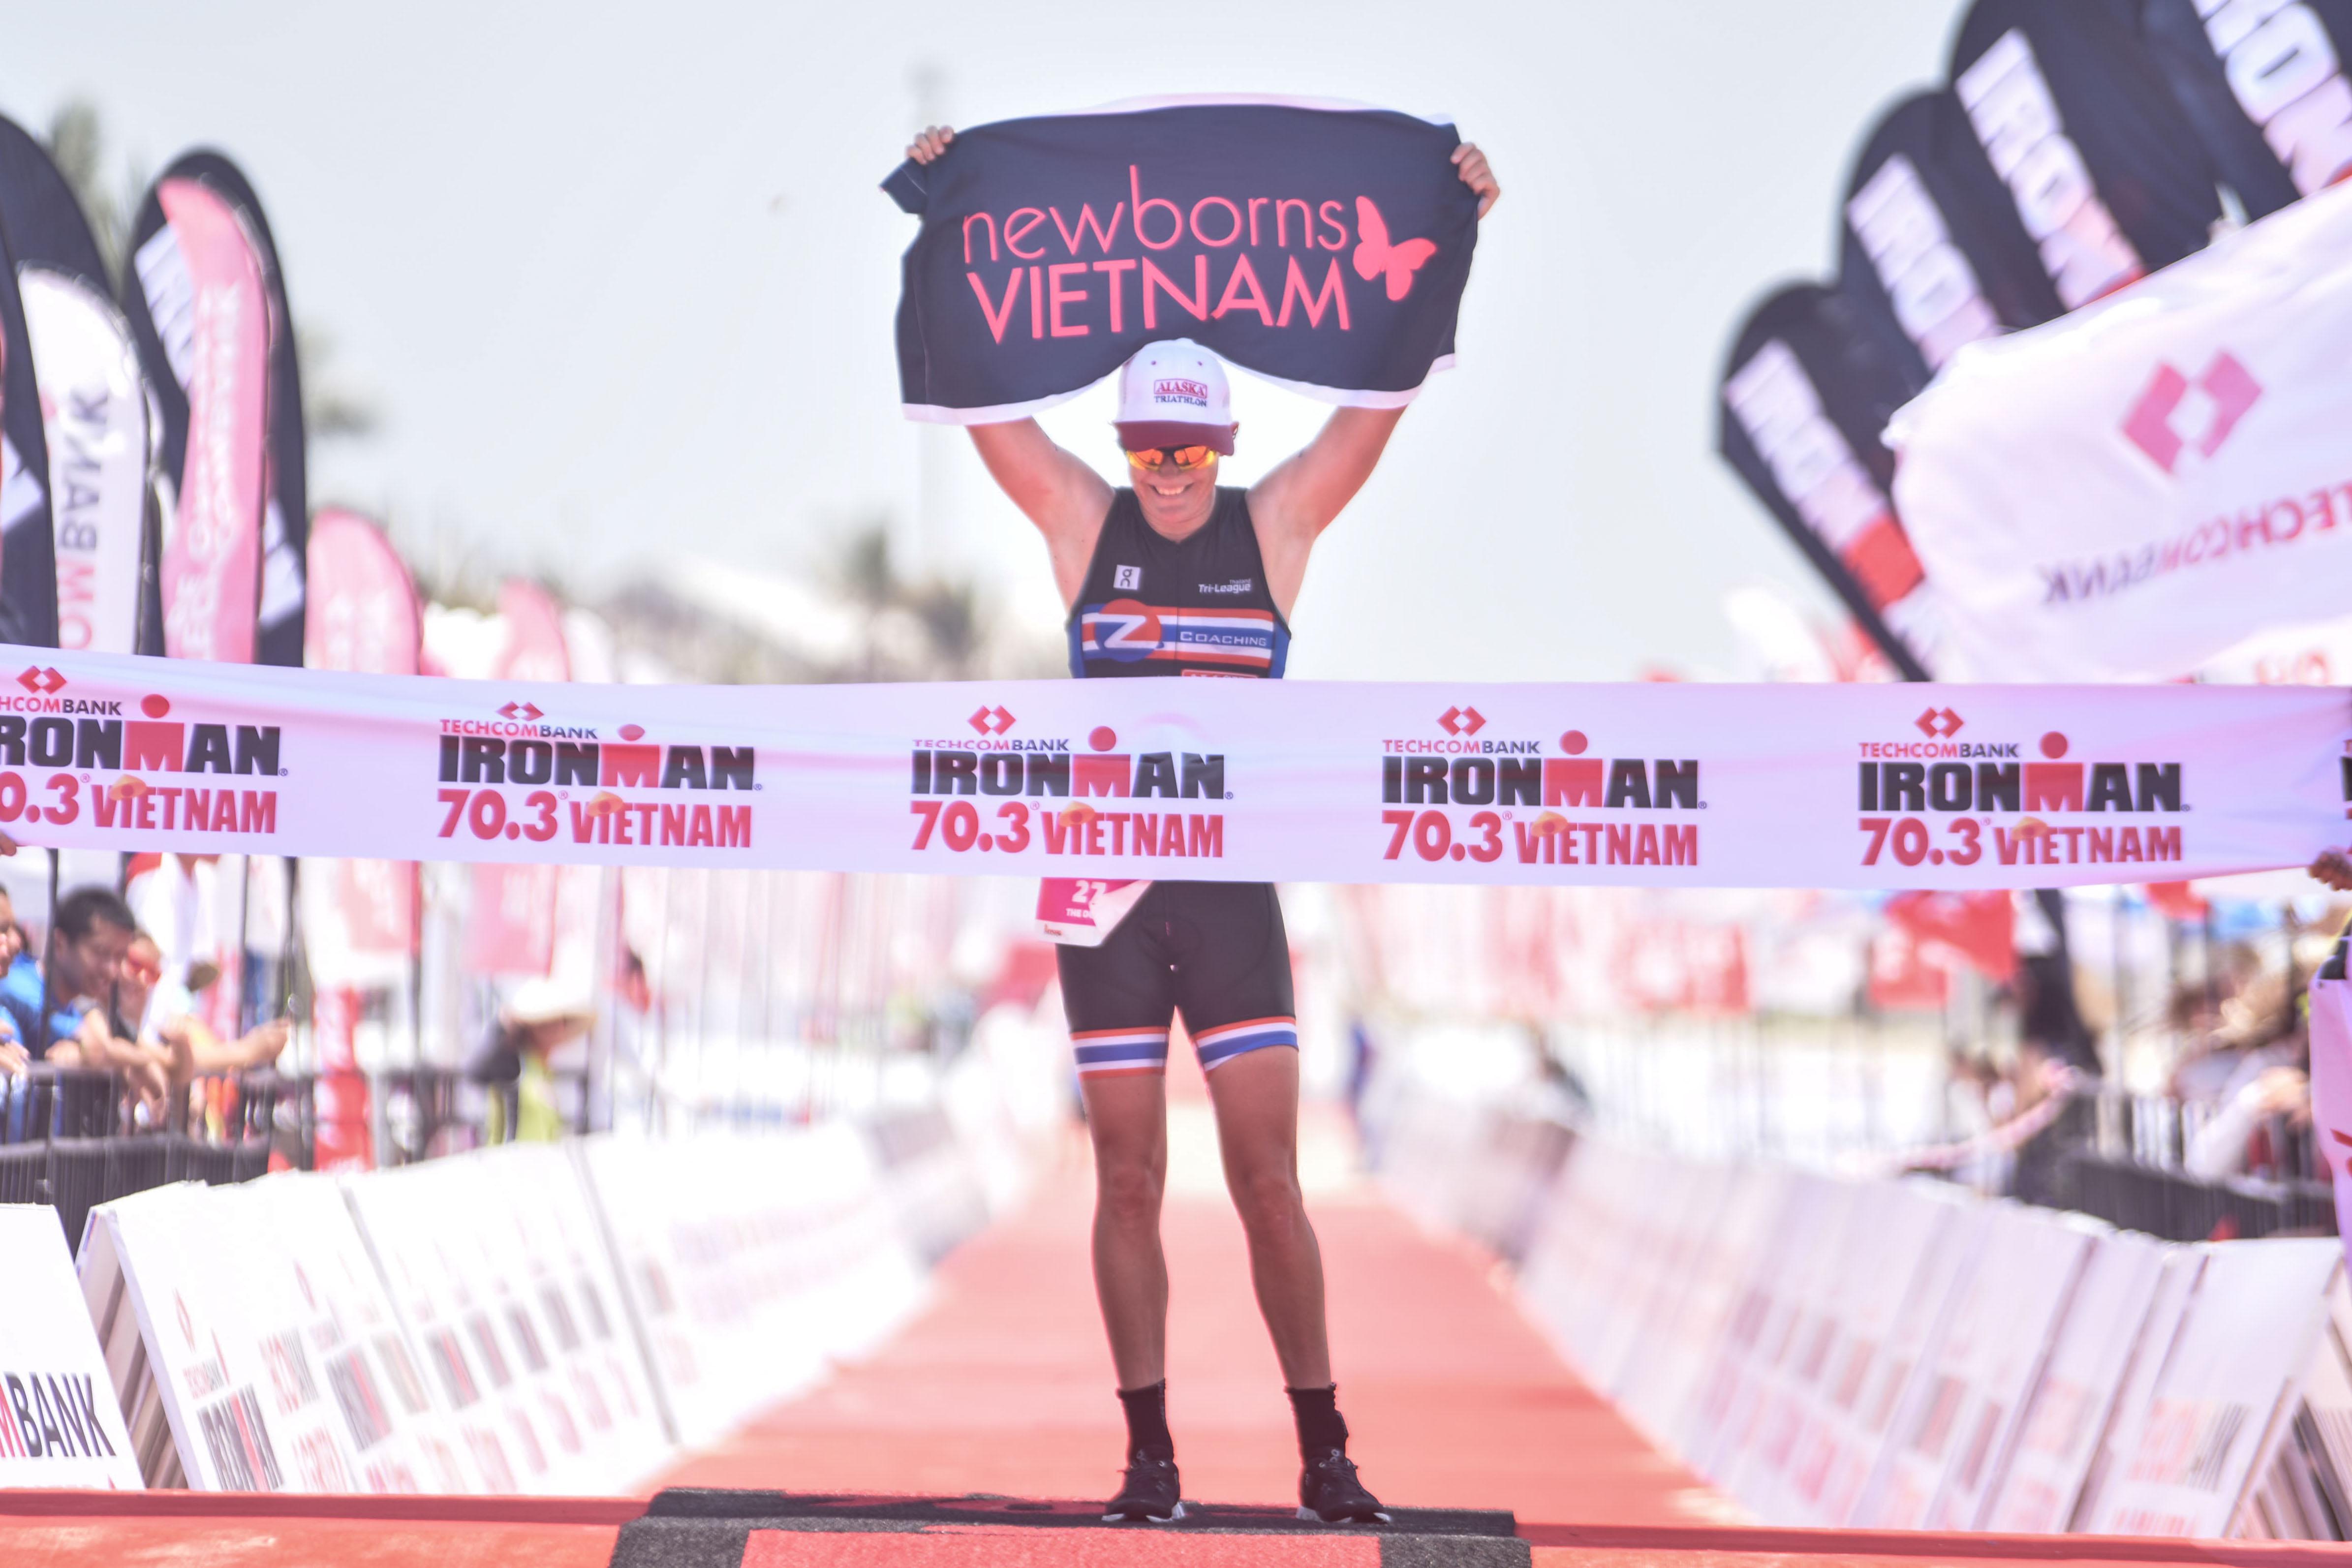 Ấn tượng cuộc tranh tài của các vận động viên của nước chủ nhà tại Techcombank Ironman 70.3 vô địch Châu Á Thái Bình Dương